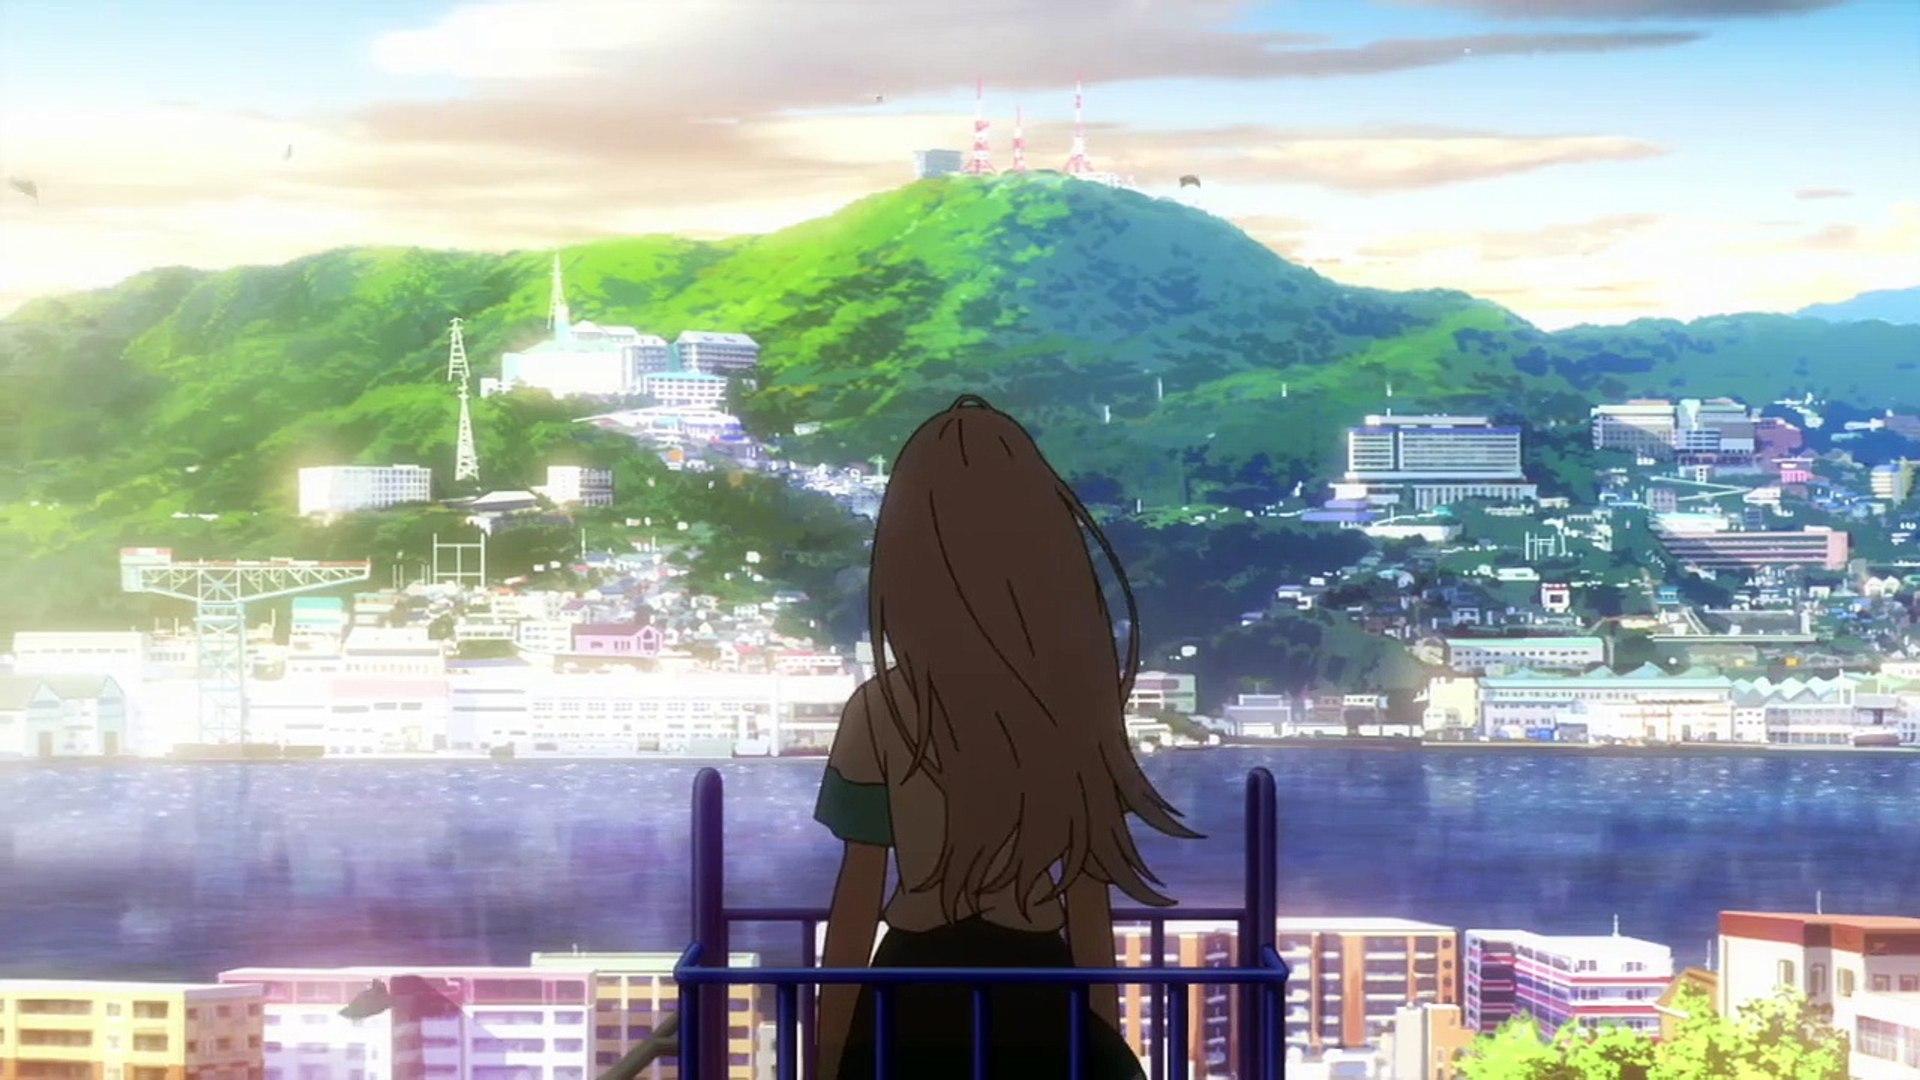 Resultado de imagen para irozuku sekai no ashita kara wallpaper hd